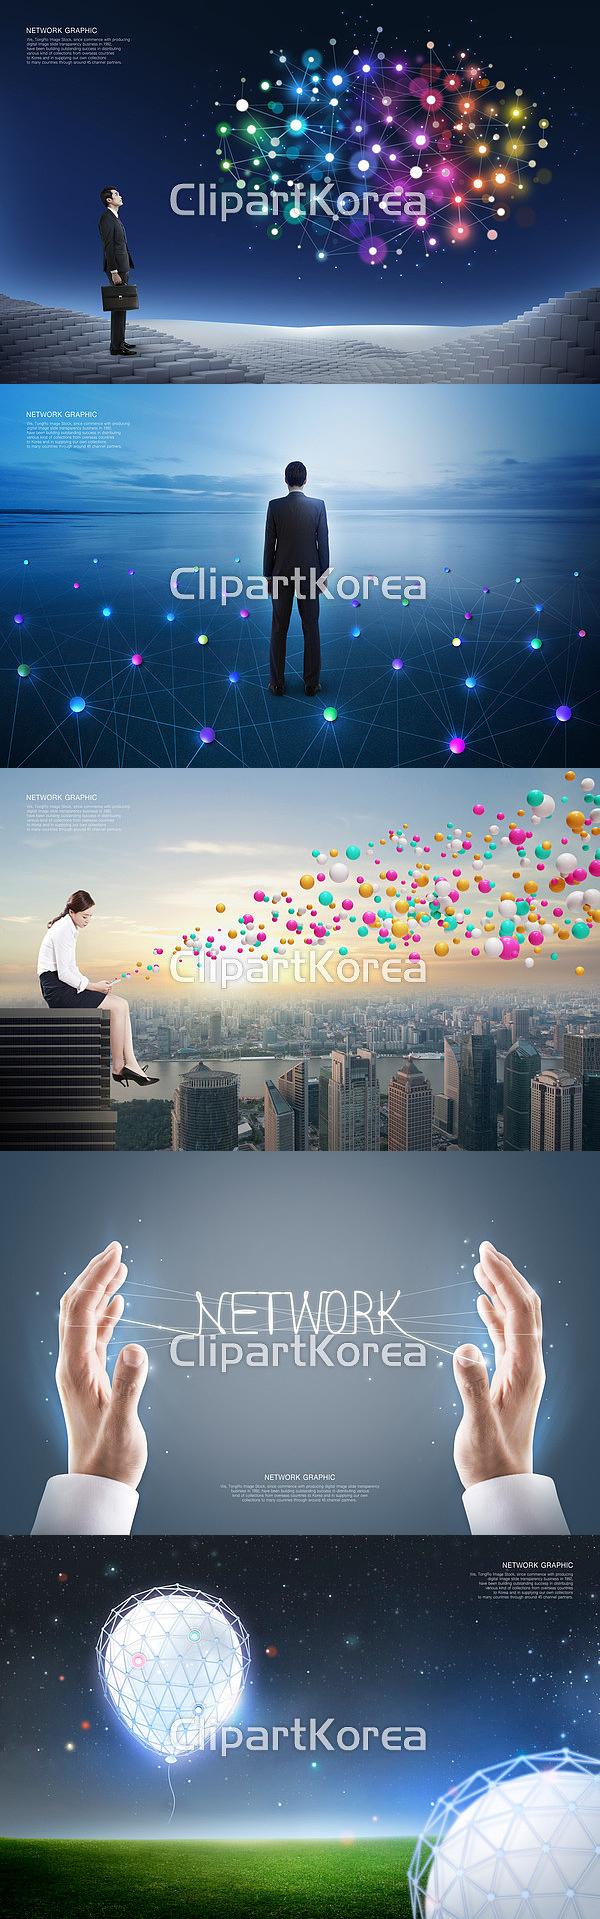 네트워크 이미지 모음! The collection of images about network#클립아트코리아 #clipartkorea #이미지투데이 #imagetoday #통로이미지 #tongroimages   #네트워크 #반짝임 #비즈니스맨 #이펙트 #컨셉 #컬러풀 #합성이미지 #블루  #타이포그라피 #건축물 #빌딩 #파티클  #들판 #별 #블루 #신비 #마케팅 #Network #shimmer #effect #businessmen #concept #colorful #composite image #building #architecture #blue #typography #particle #field #Blue #Mystery #marketing